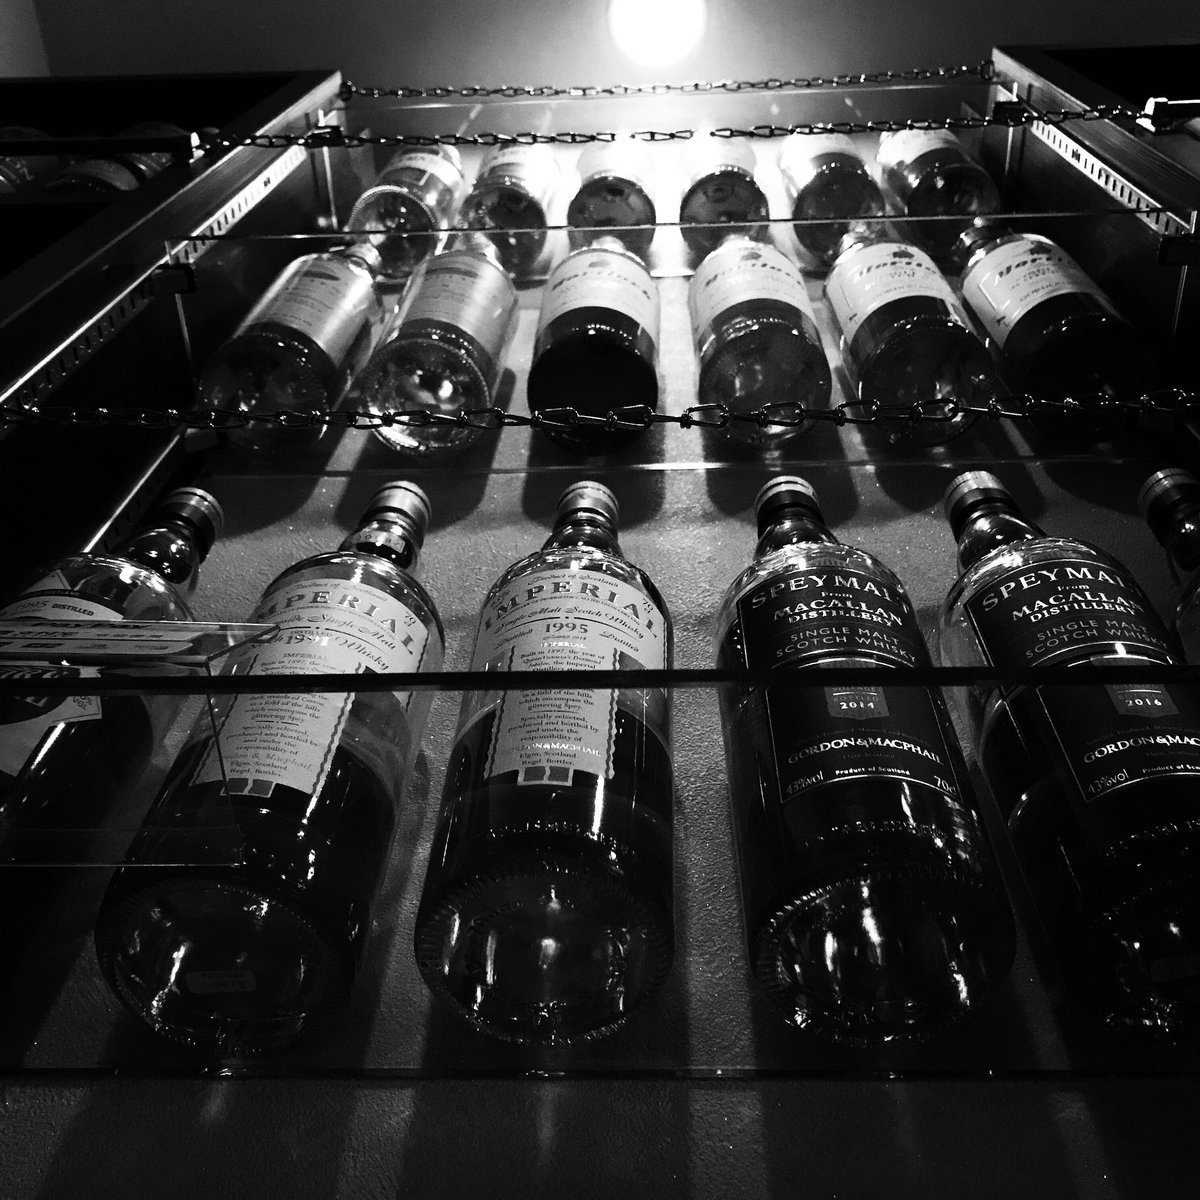 3月30日、休業日です。 明日以降の御来店お待ちしております。  よろしくお願い致します。  #malt_bar_nishimoto #カウンター席のみ #chocolate #cigar #whisky #okayama